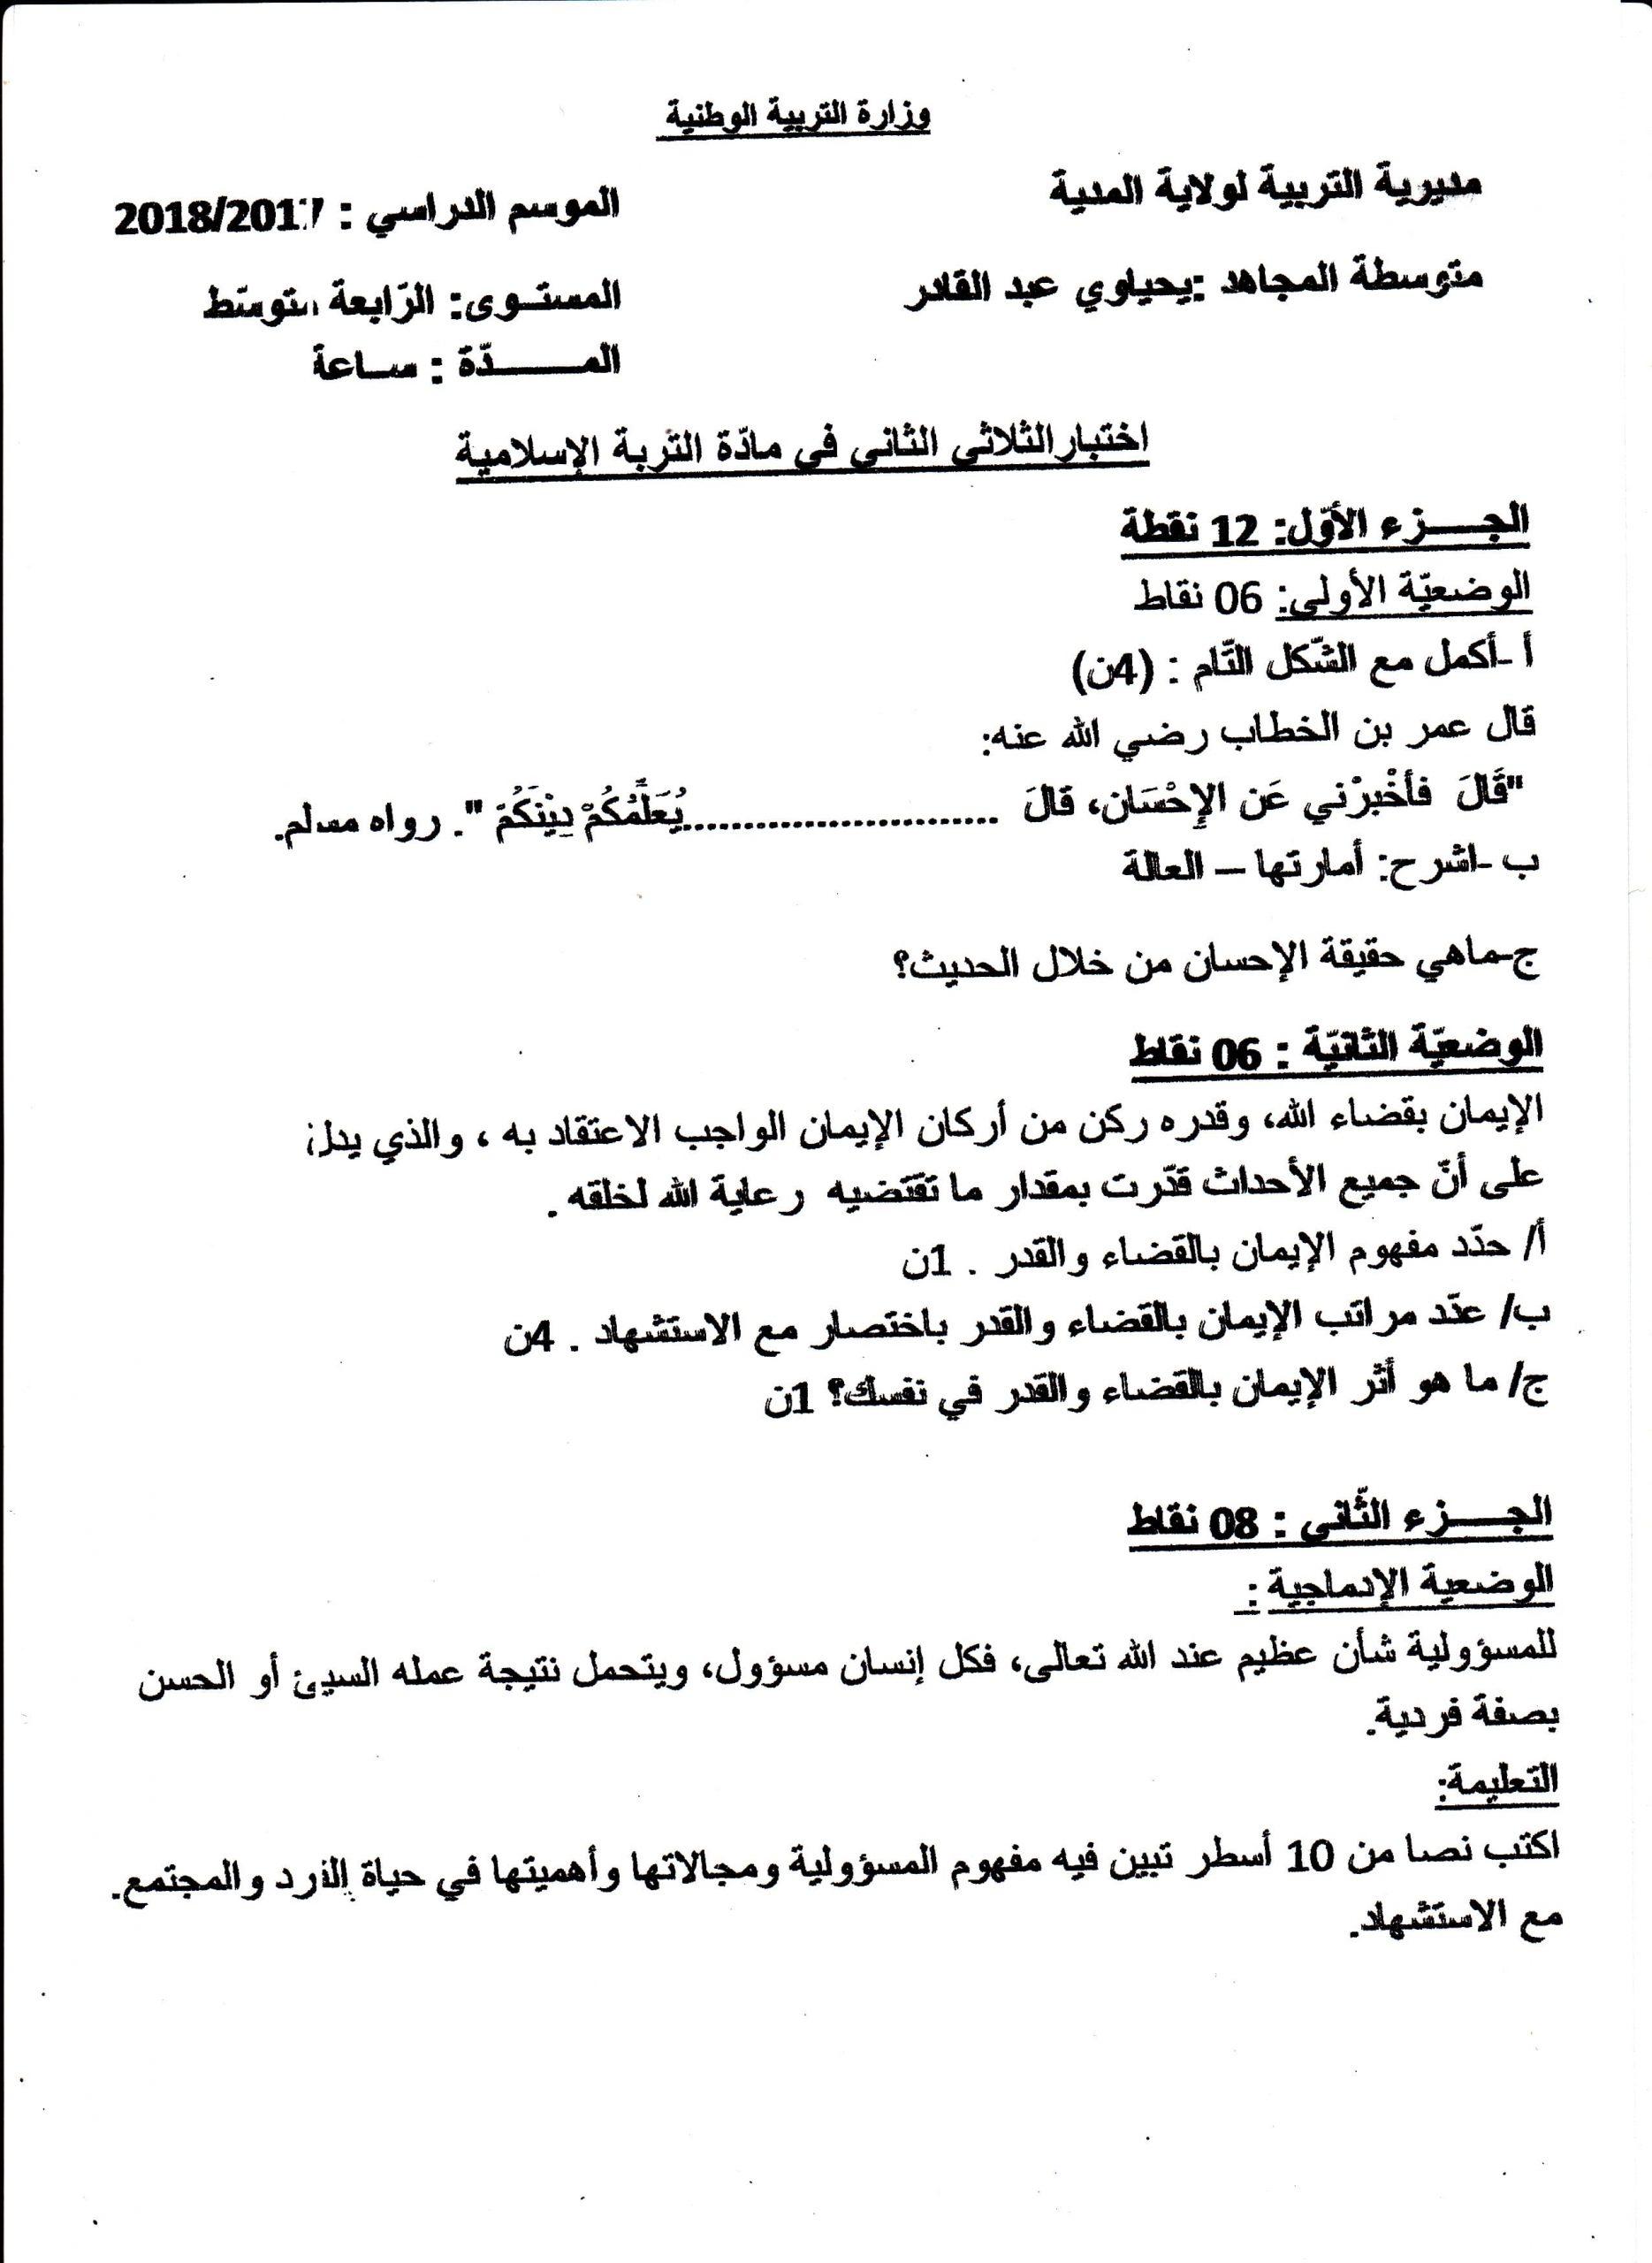 اختبار الفصل الثاني في مادة التربية الاسلامية الرابعة متوسط | الموضوع 02